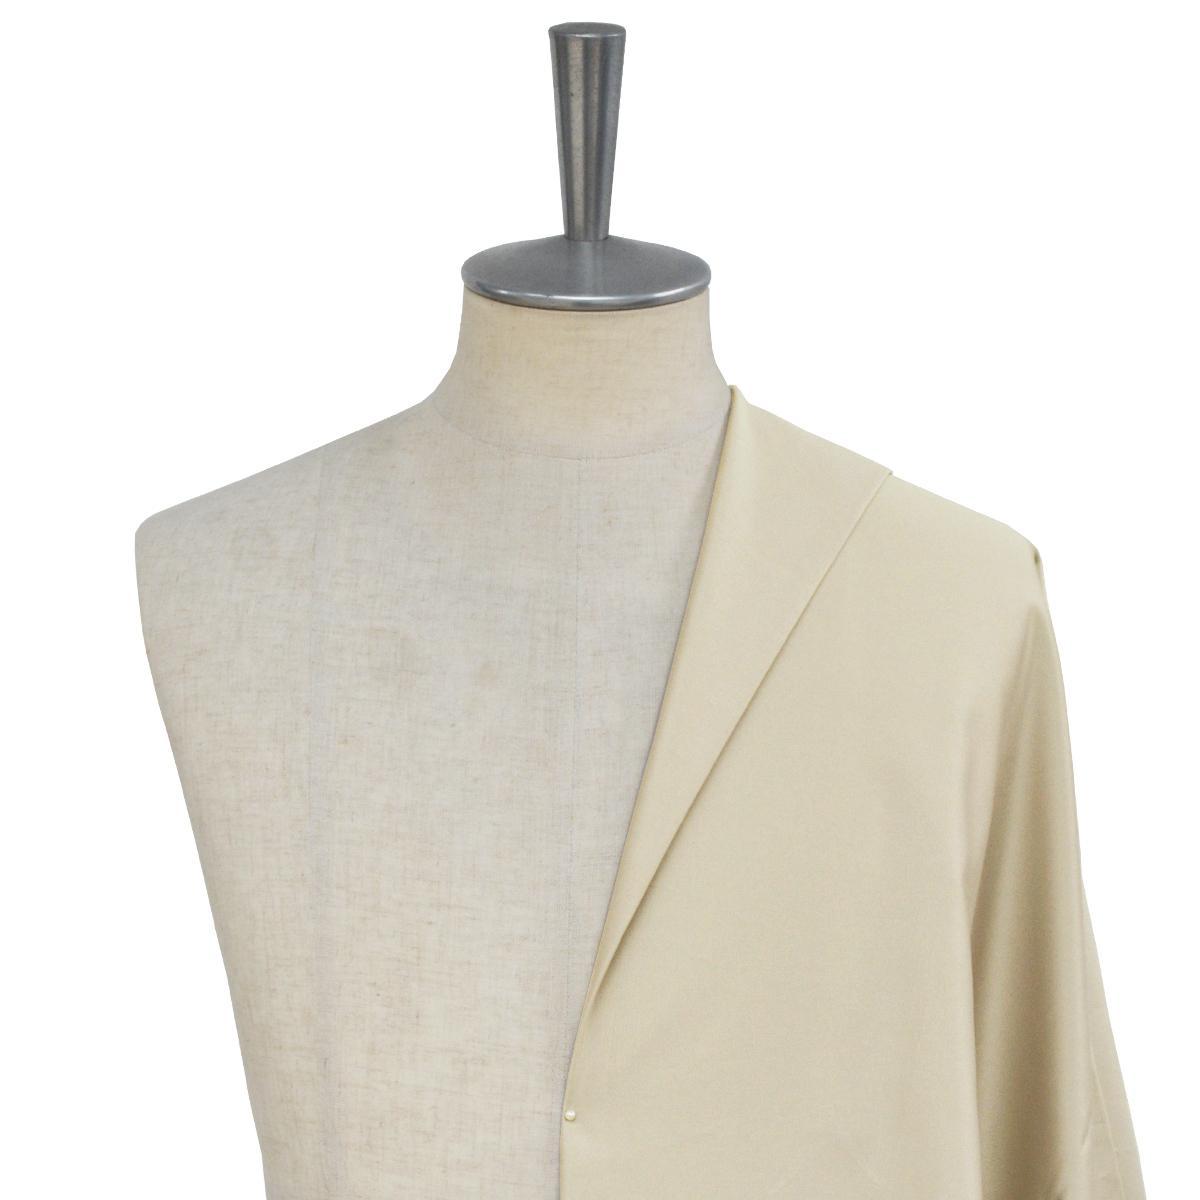 [オーダースーツ]サラっとした着心地のスーツをお探しの方はコチラを。